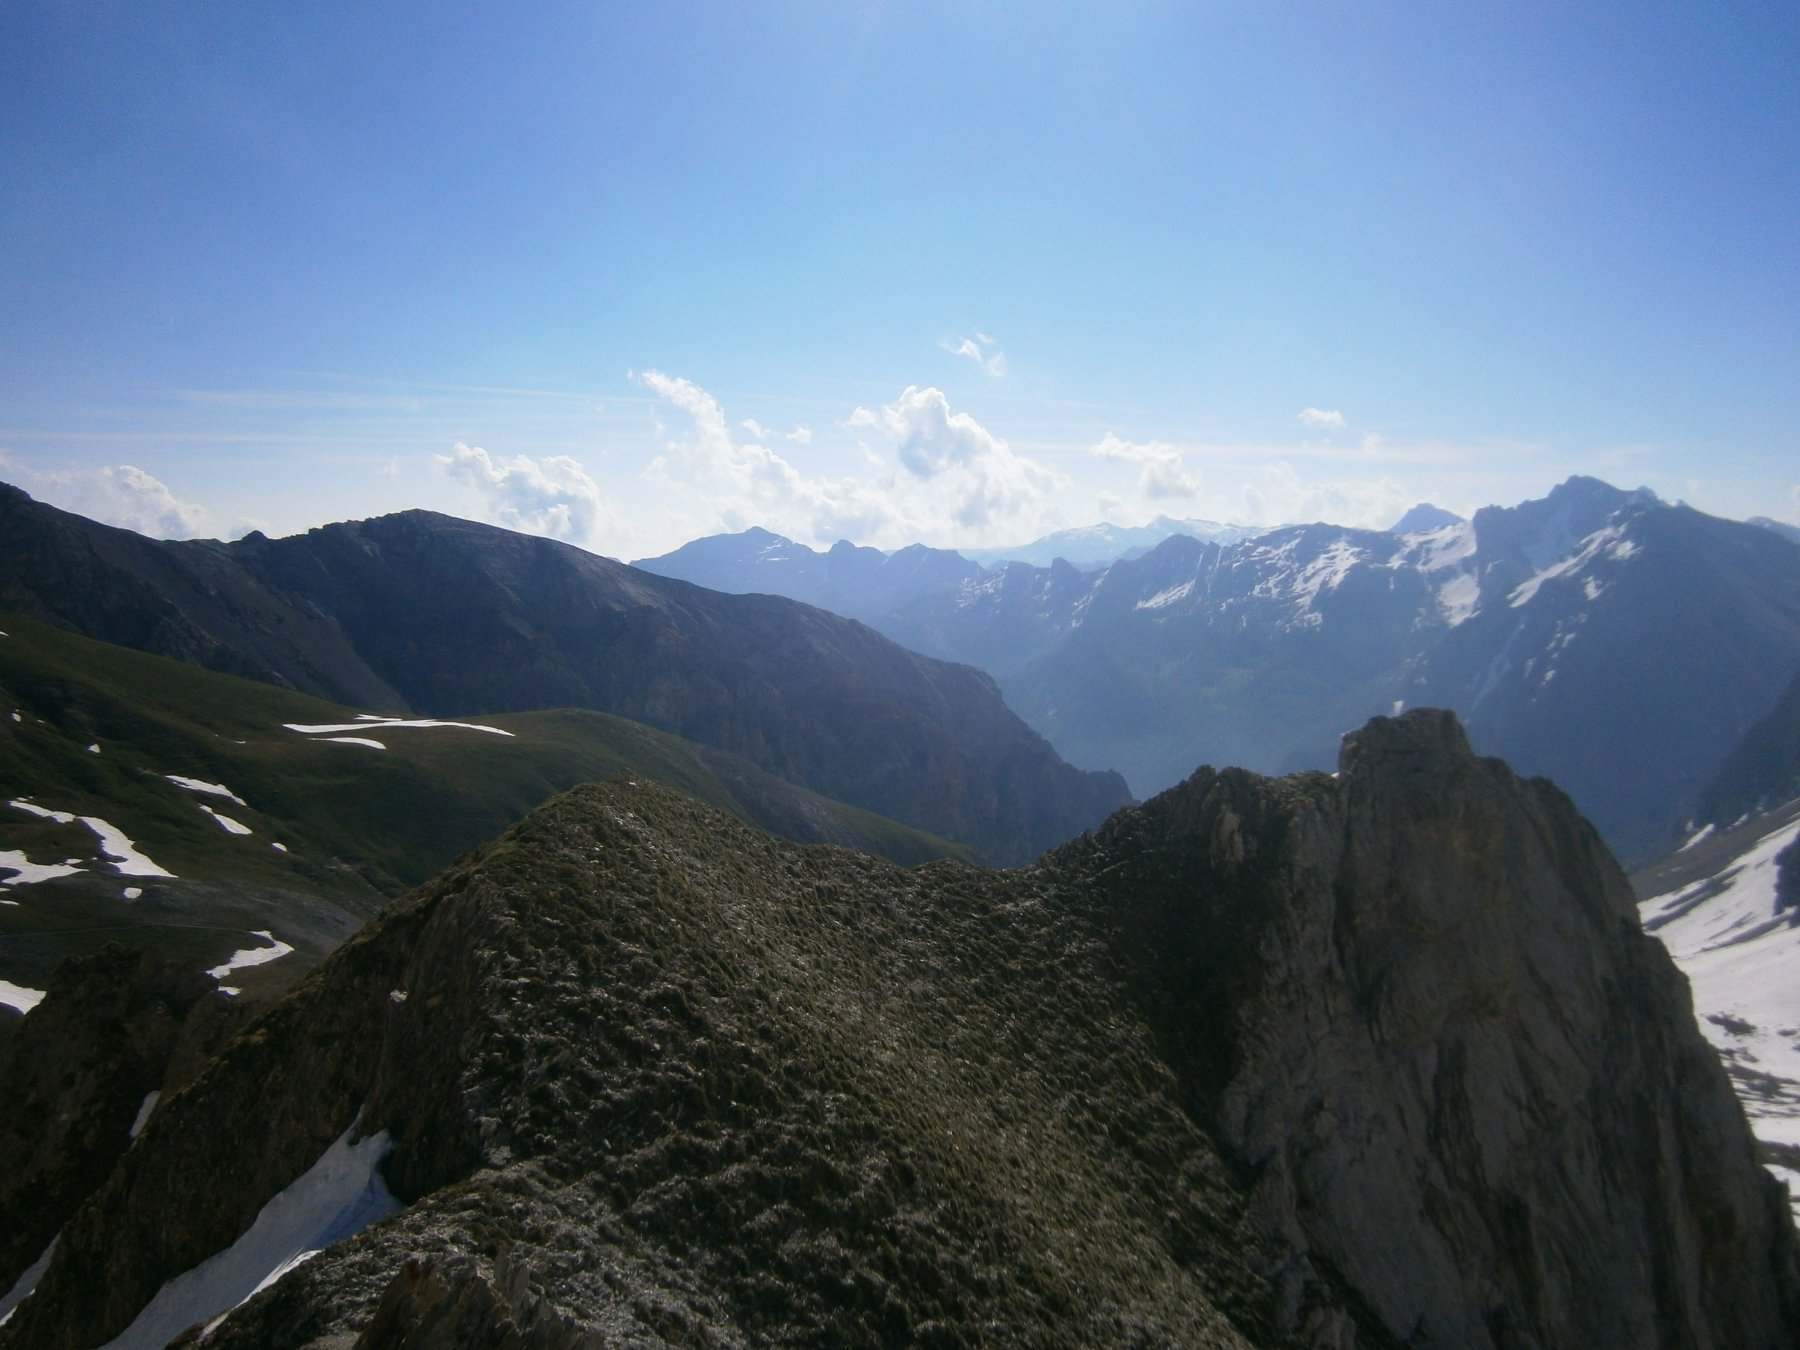 L'altra cima rocciosa